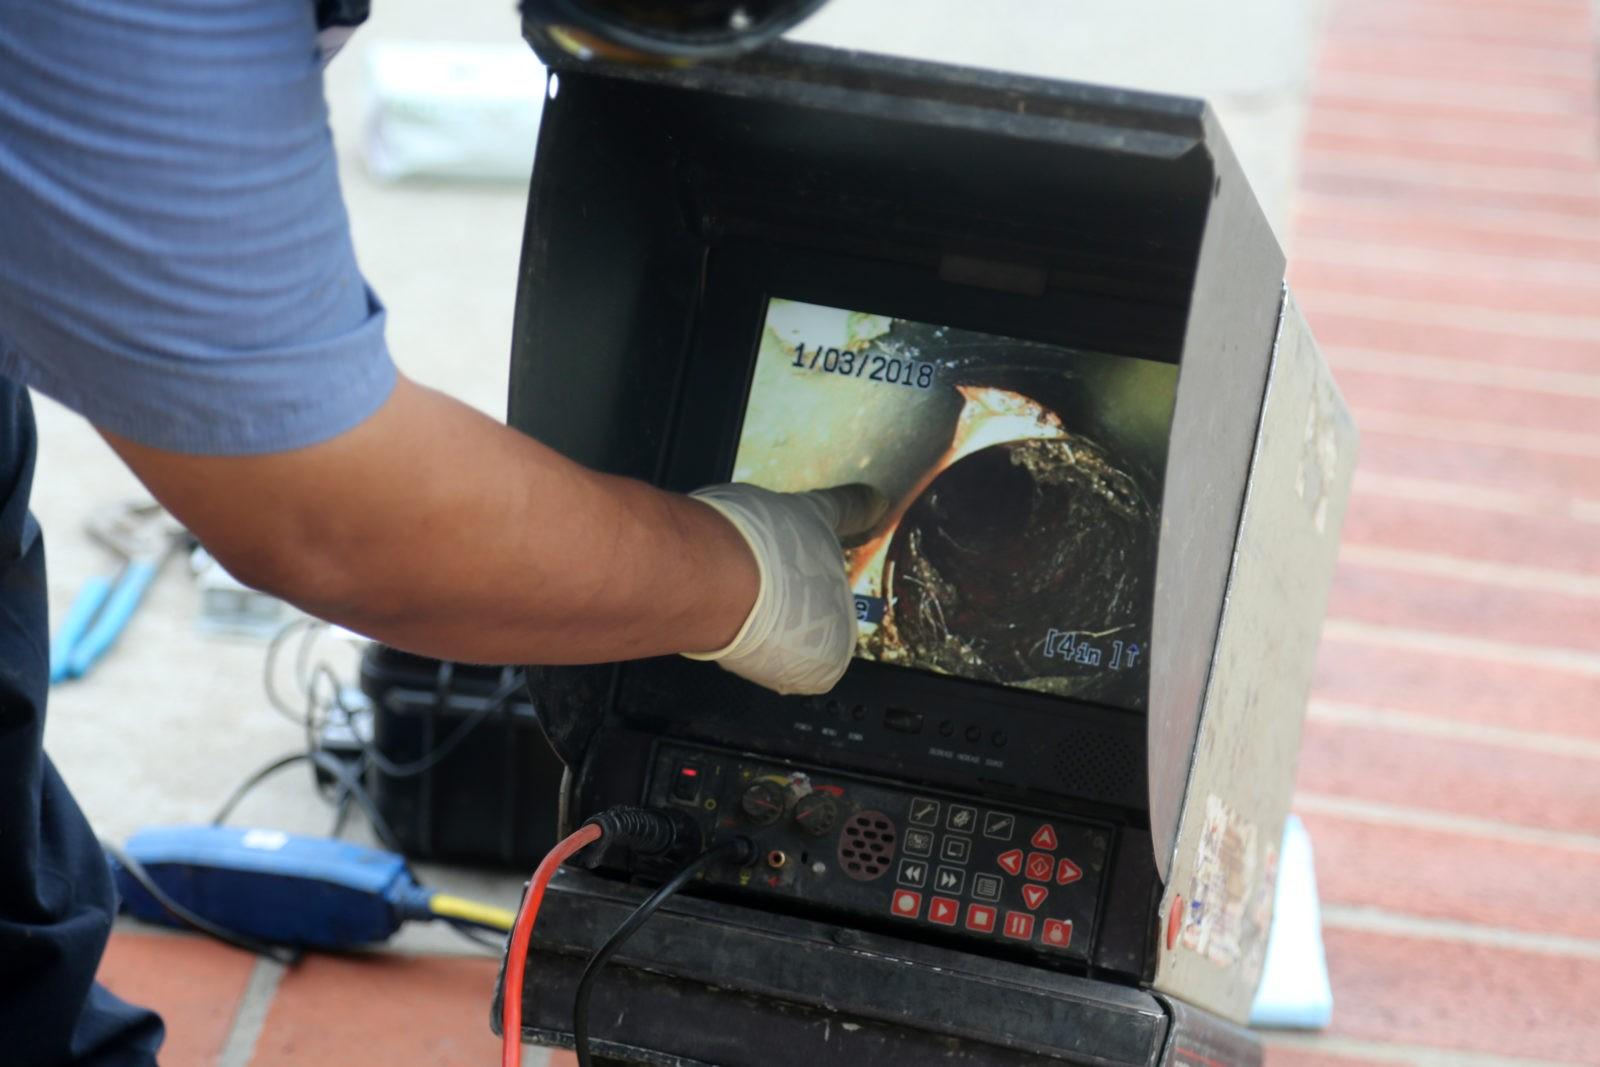 Rohrreinigung Klempner TV Kamera Inspektion - Startseite